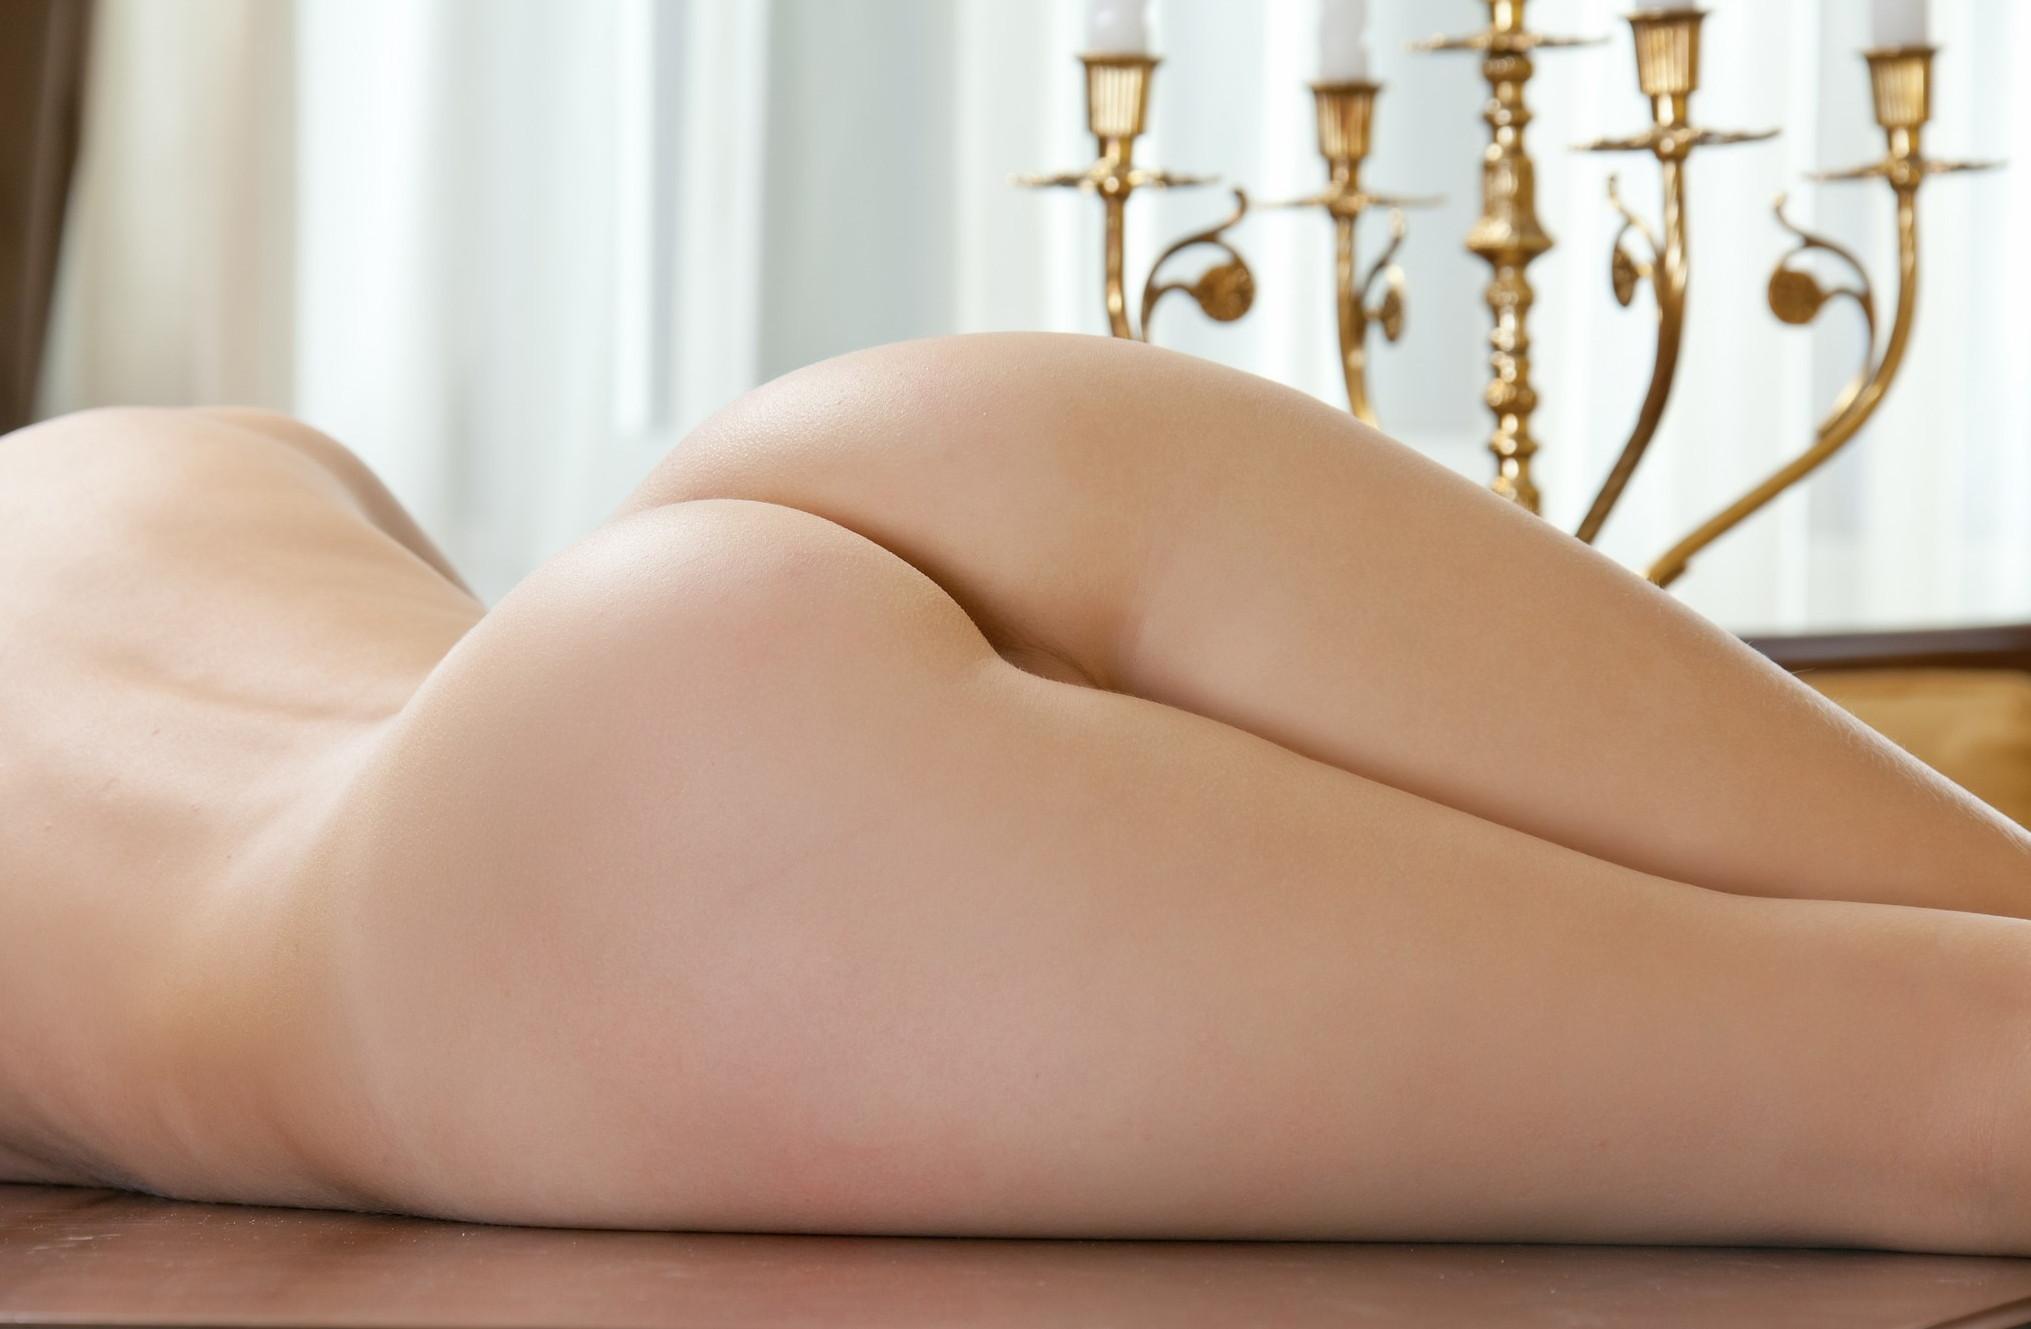 【美尻エロ画像】見た瞬間に即勃ち→即ハボ確定、穴を間違えても突っ切れそうな美しい桃尻www 11